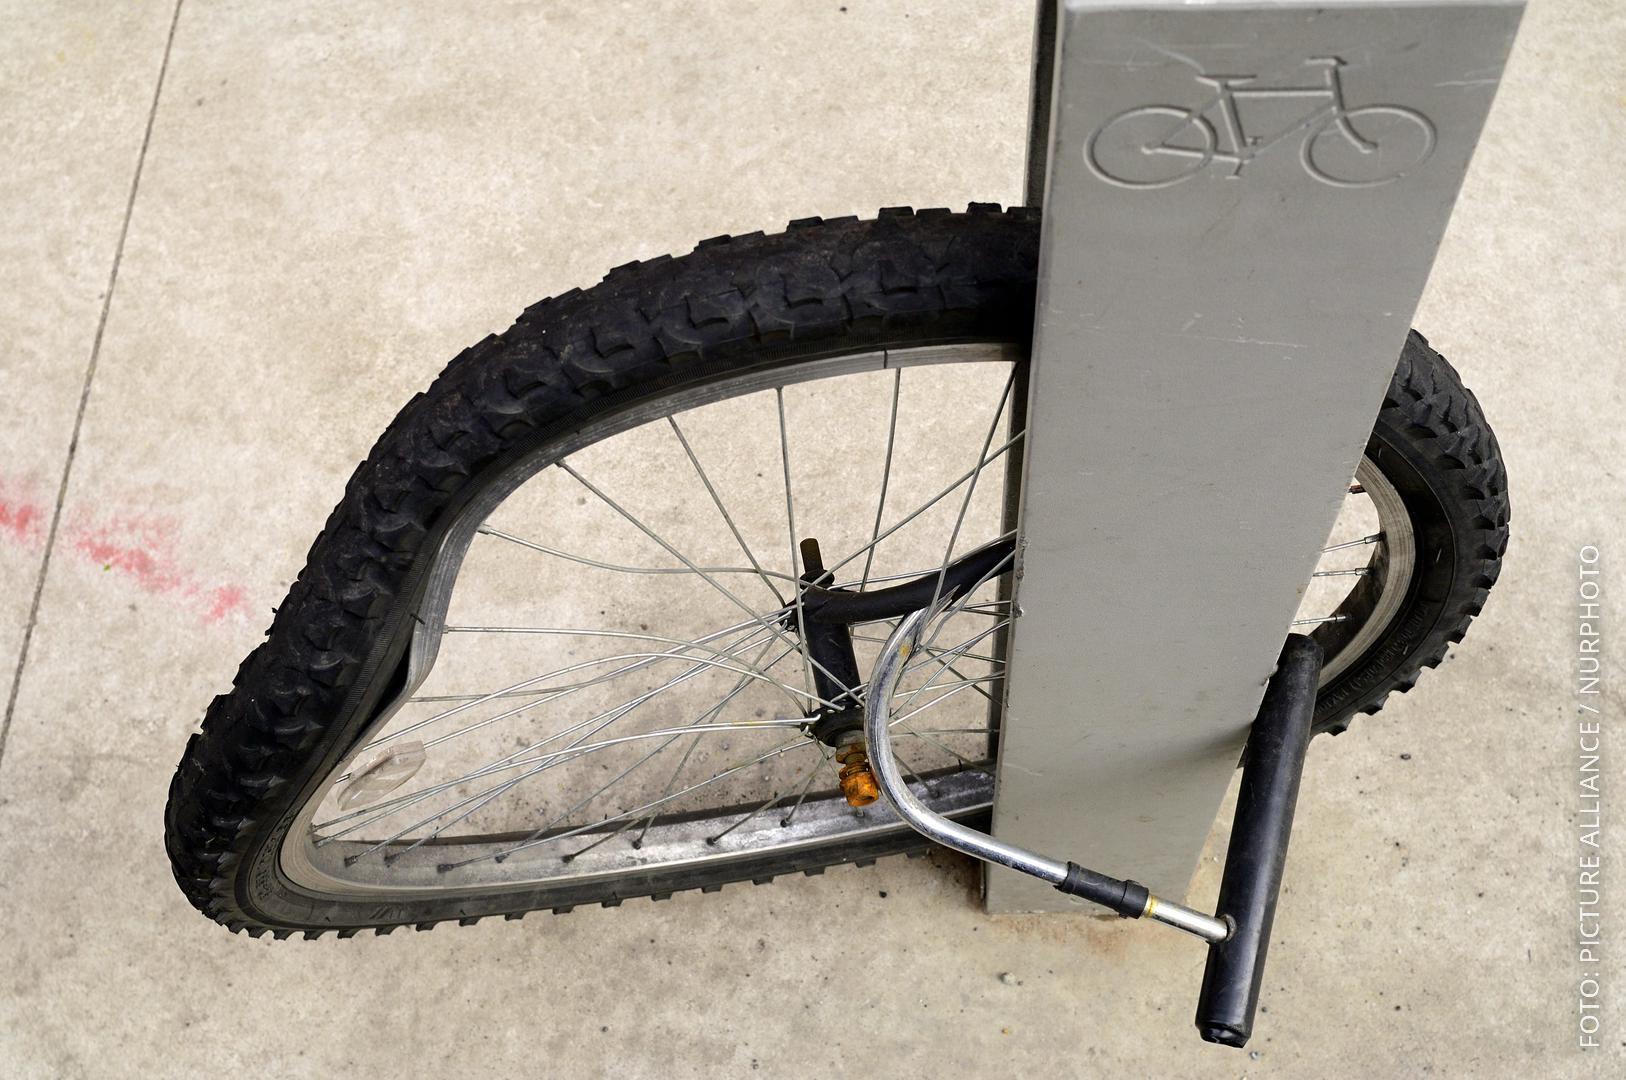 Ein einzelnes Rad von einem Fahrrad hängt an einem Fahrradschloss.